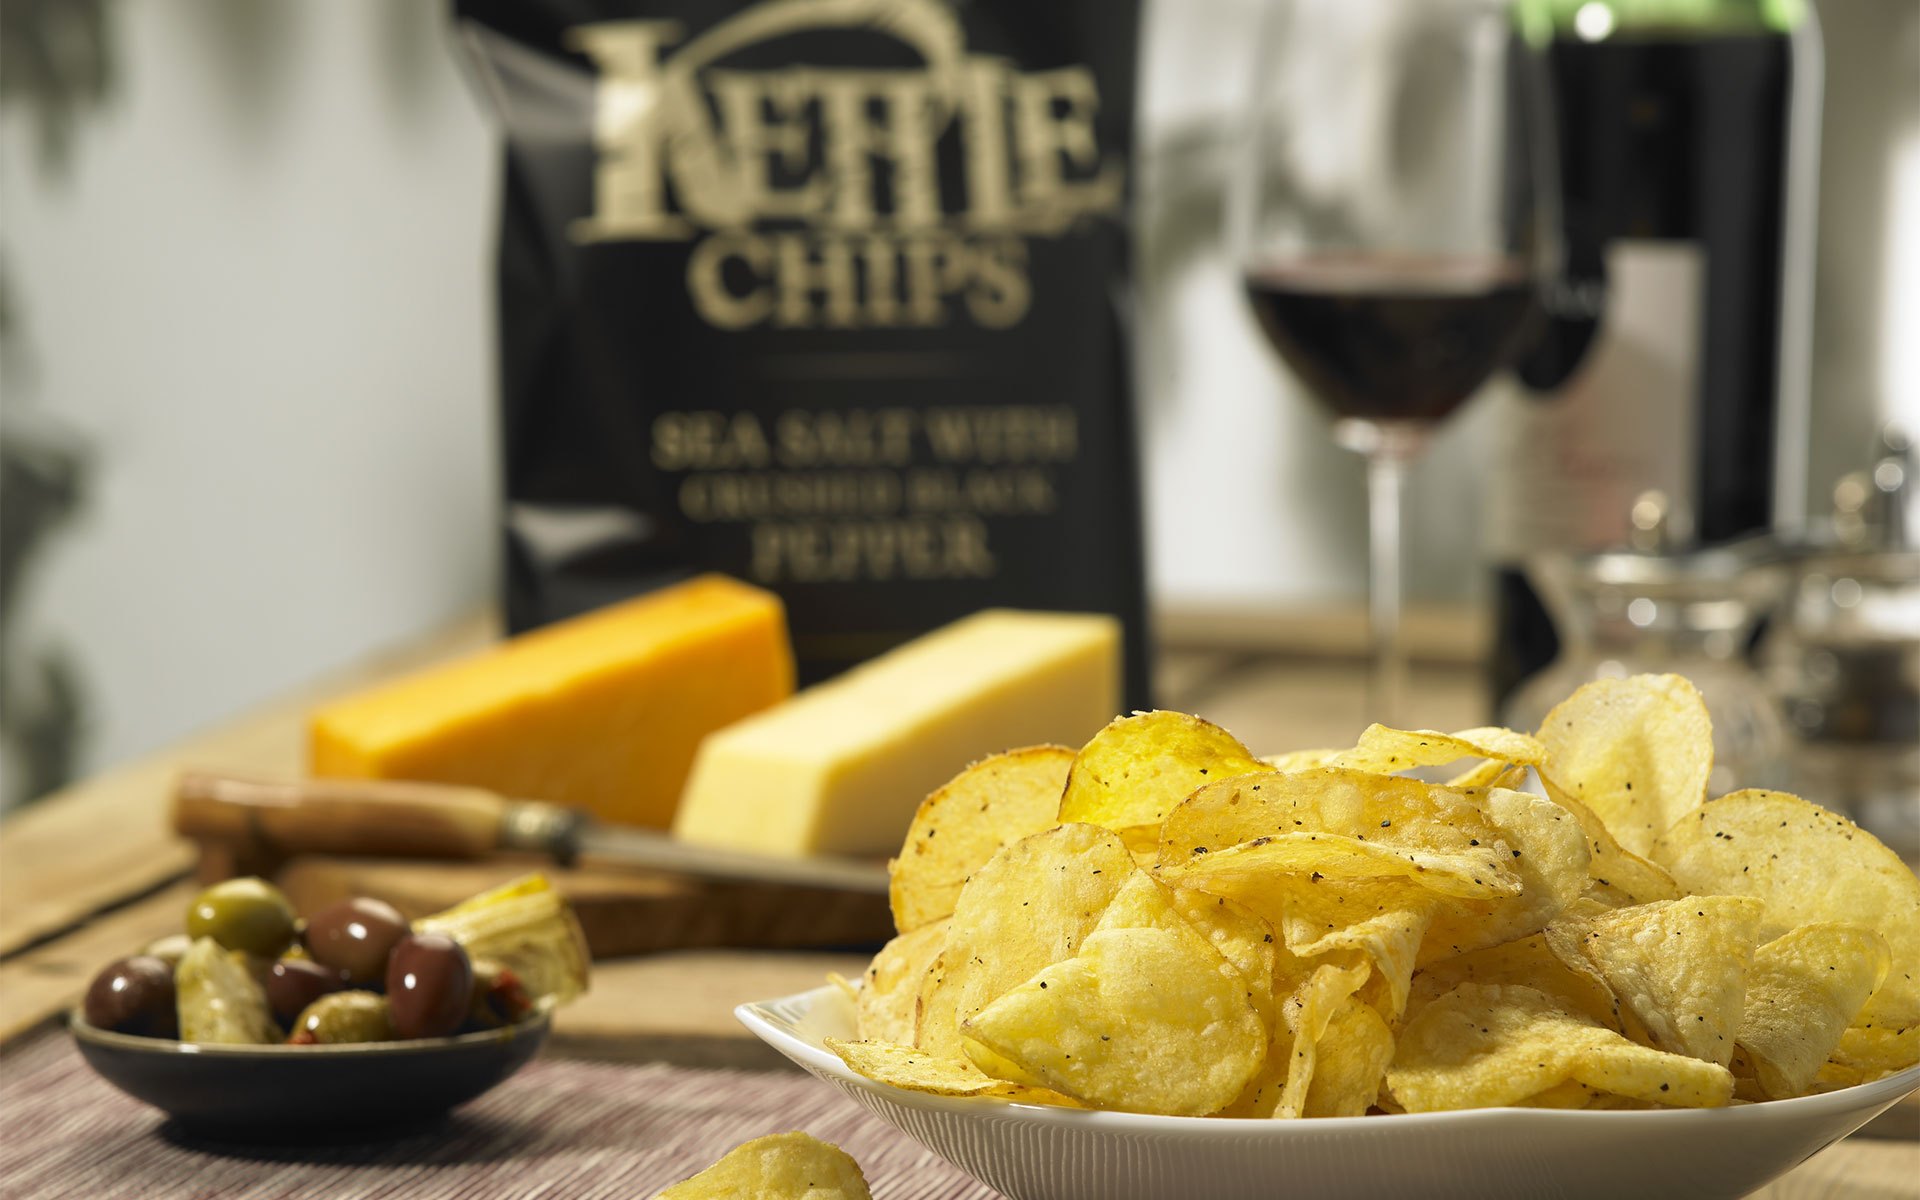 Entdecken Sie KETTLE Chips